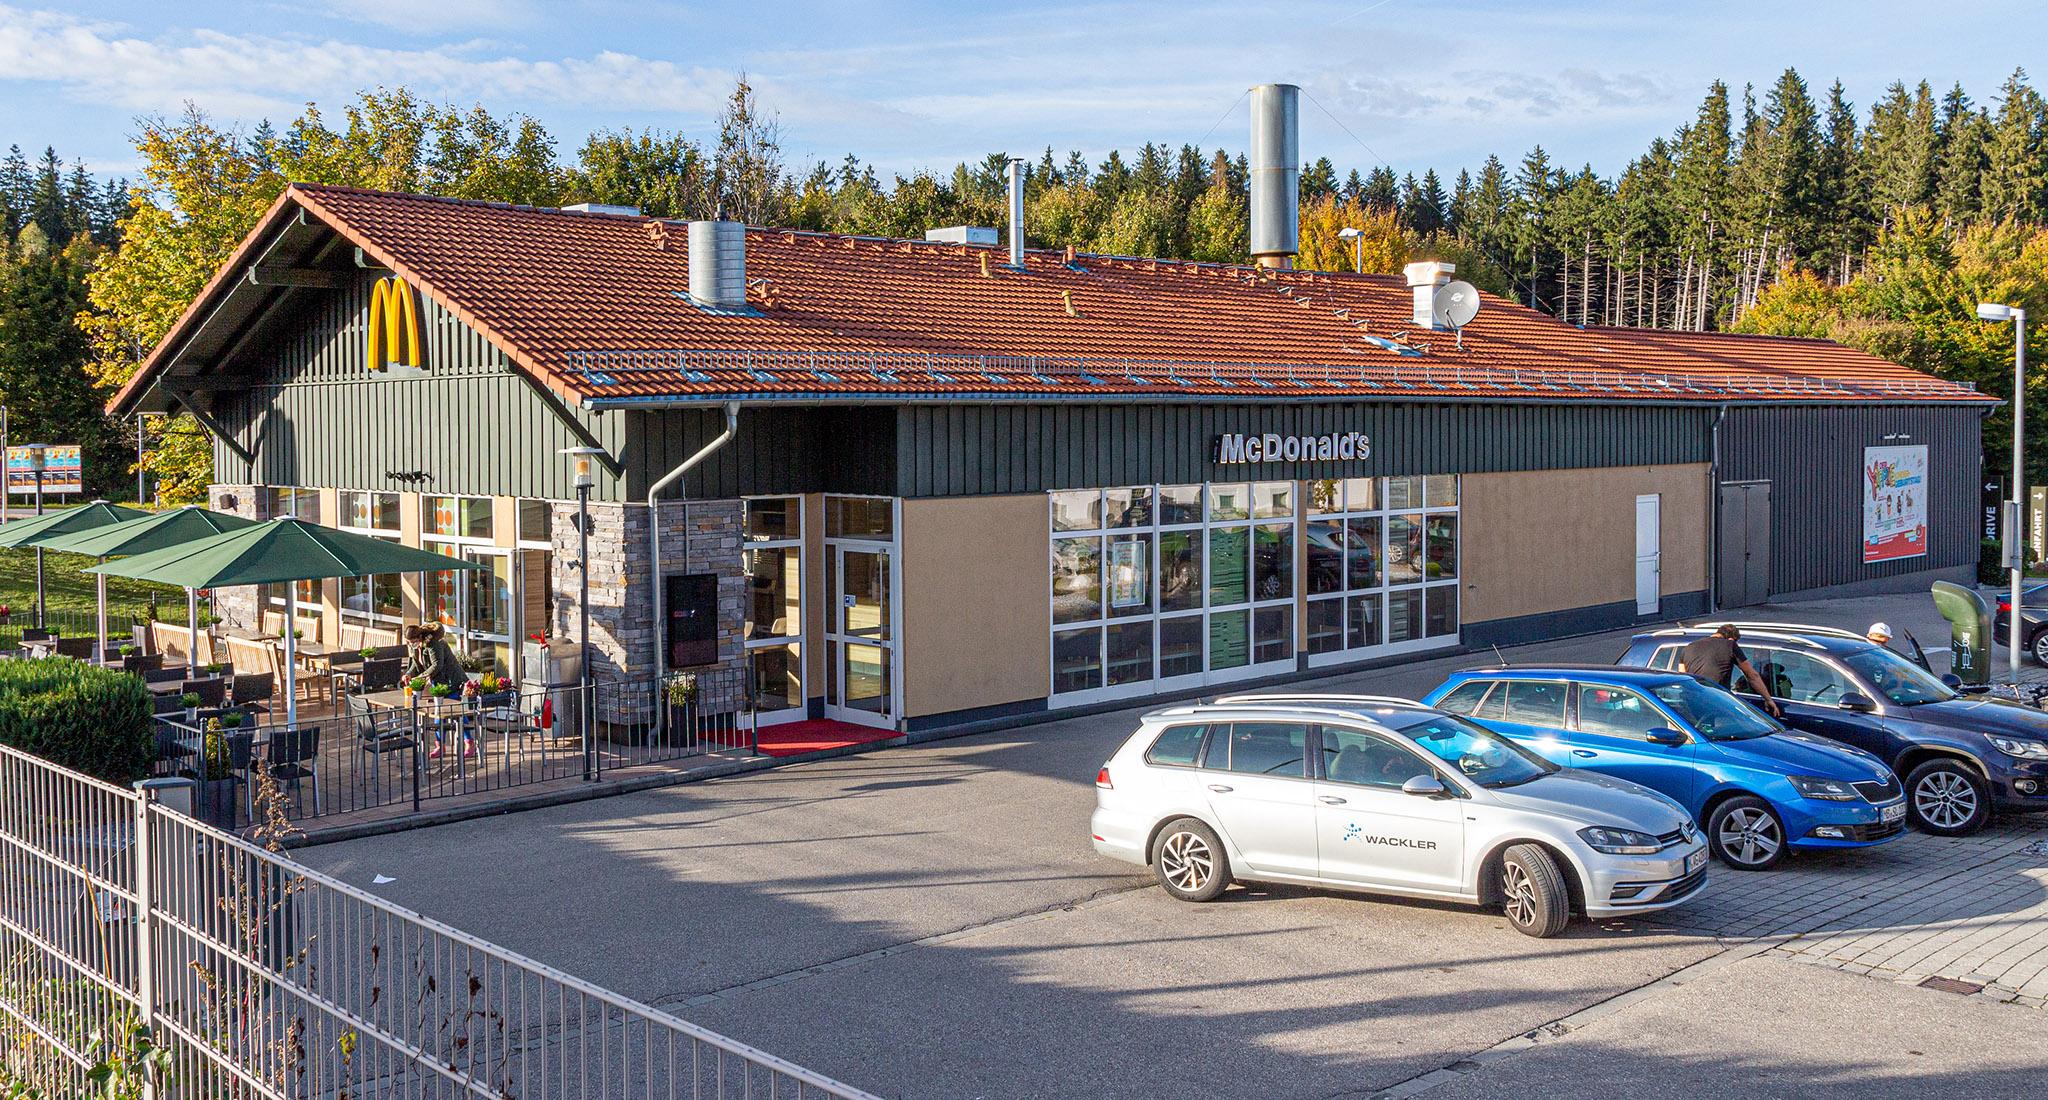 Das Große Mcdonald'S-Verzeichnis - Holzkirchen